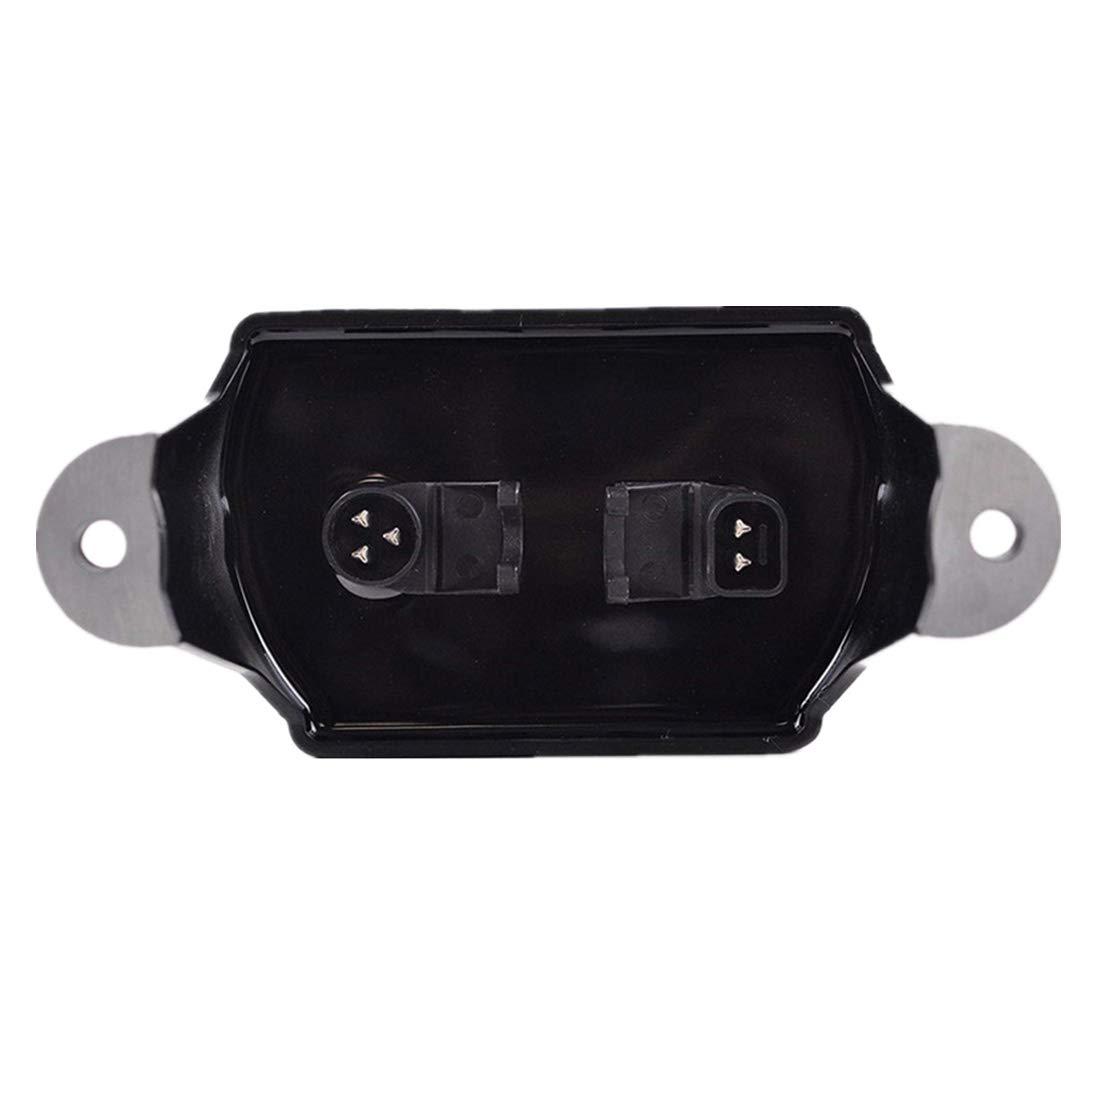 HZYCKJ Raddrizzatore di tensione del regolatore 12V per moto OEM # 74505-06